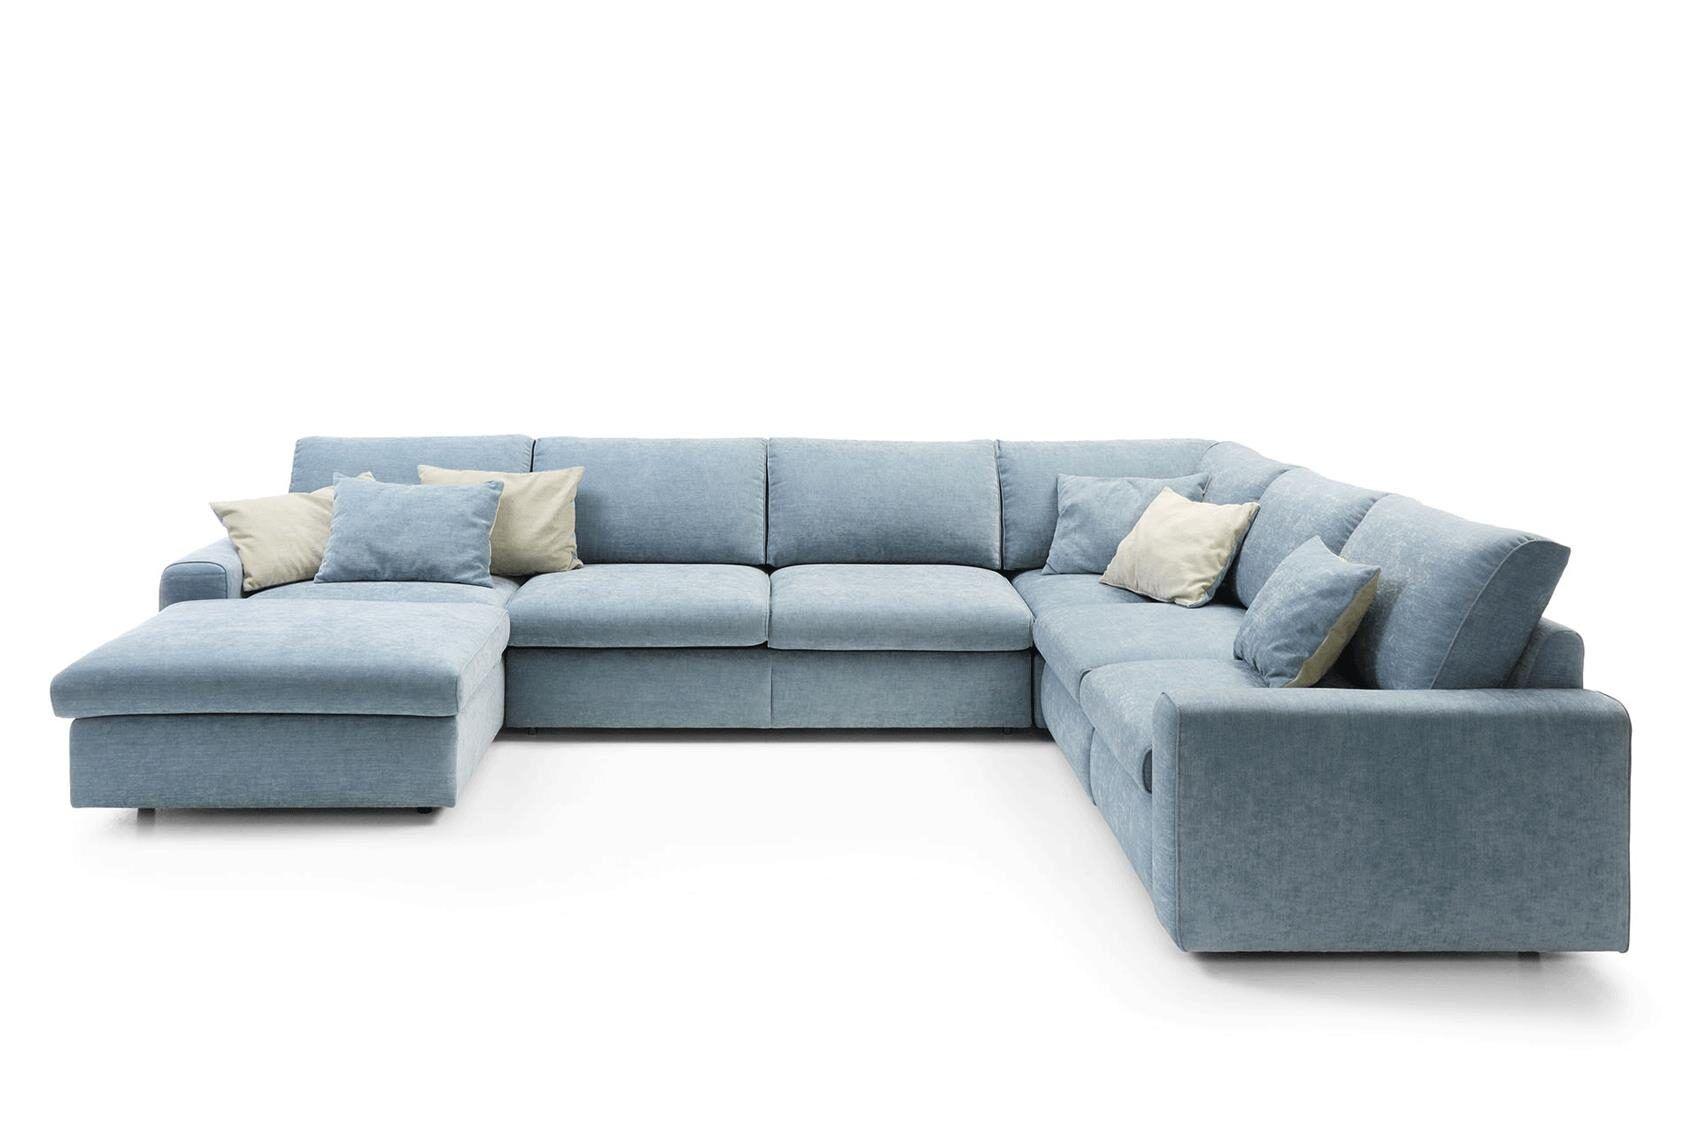 Karato Sectional Sofa Karato Galla Collezzione Group Sectional Sofas Oversized Sectional Sofa Sectional Sofa Corner Sofa Design